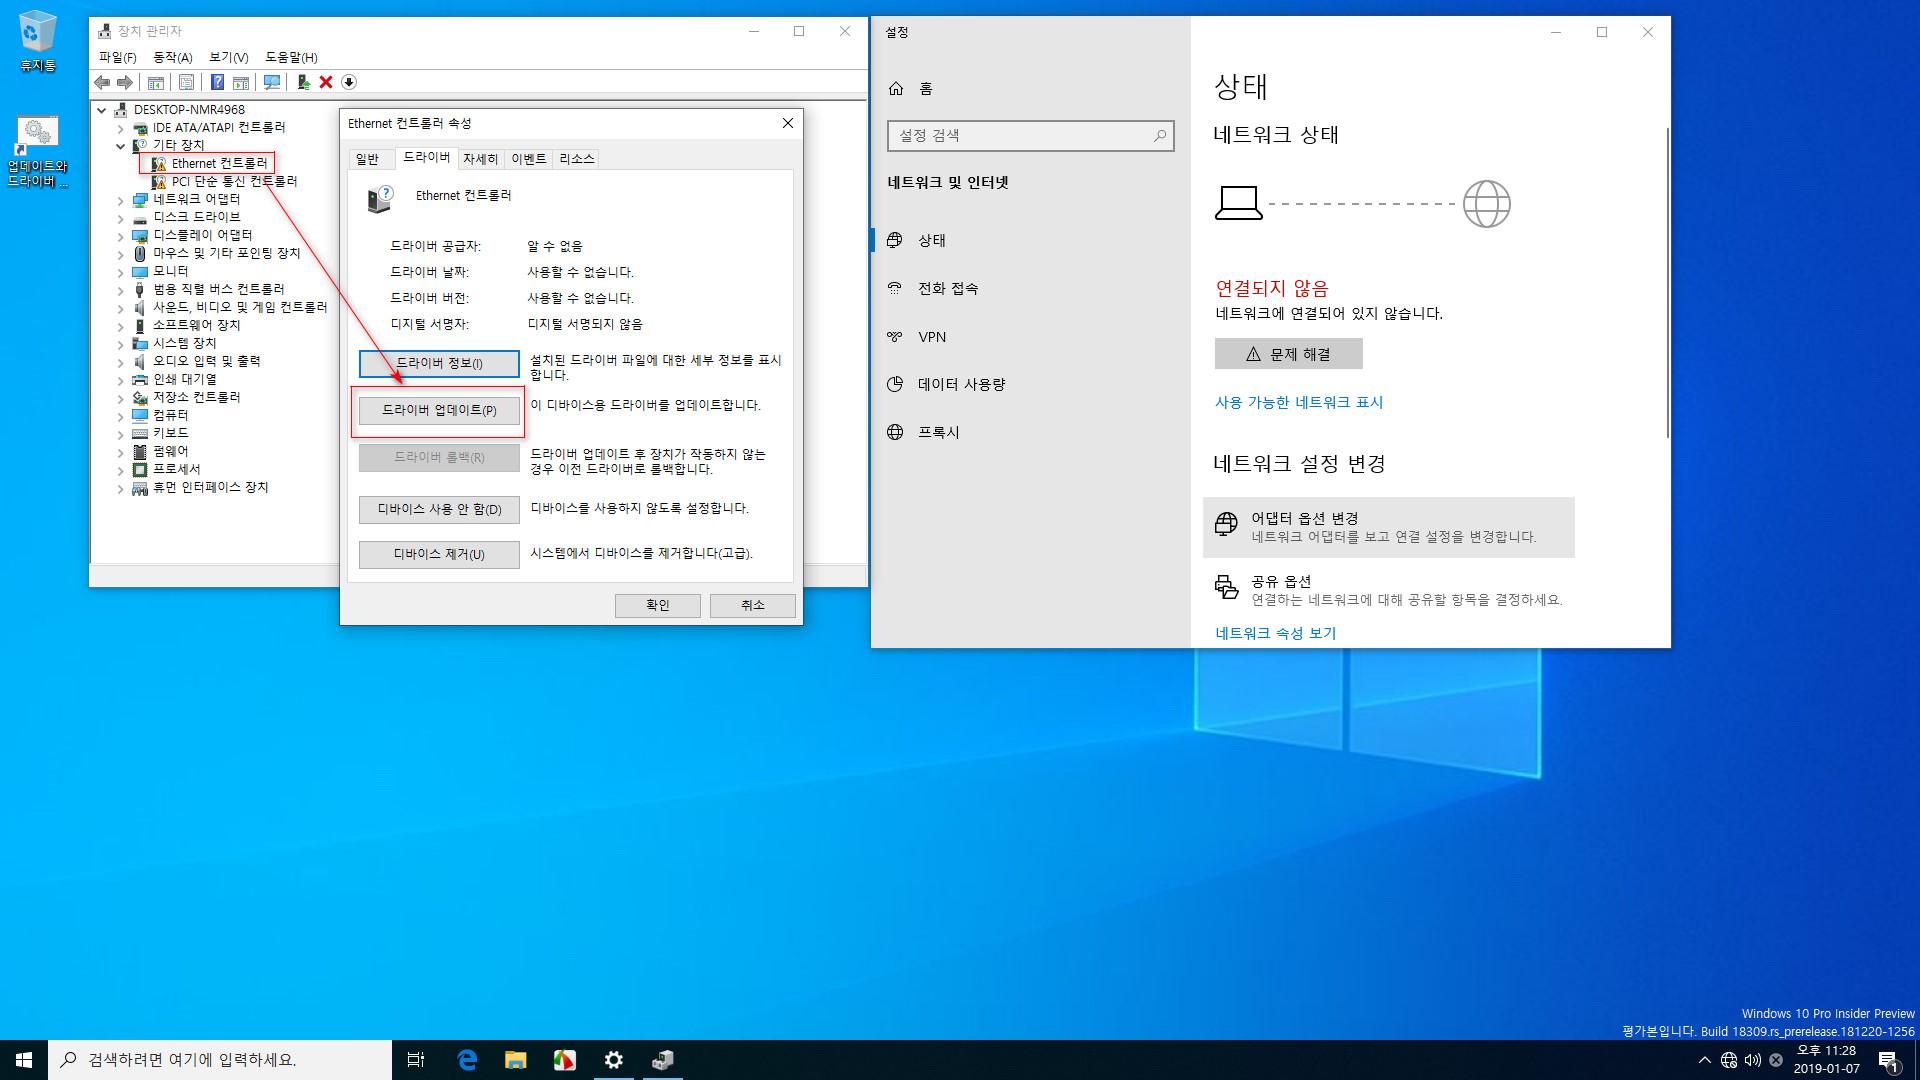 윈도10 19H1 인사이더 프리뷰 18309.1000 빌드 나왔네요 - 실컴에서 Windows Sandbox 테스트 - 어떤 드라이버가 충돌을 일으키는지 확인 테스트4 [윈도에 내장된 랜드라이버 제거] - 랜 드라이버 설치는 되고, 랜 드라이버 설치 후에 Sandbox 실행도 됨 2019-01-07_232855.jpg